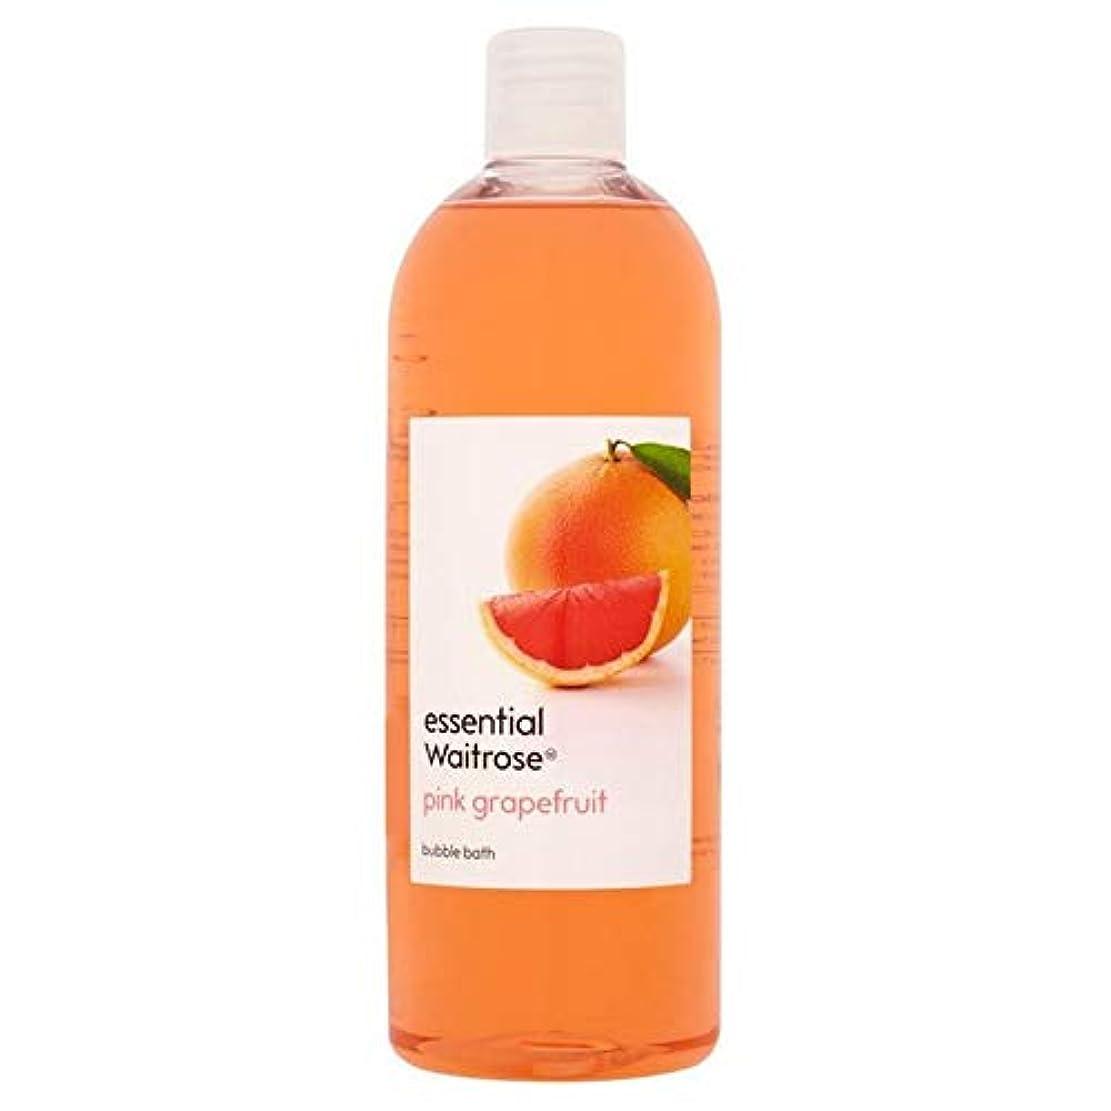 オーラルコック専ら[Waitrose ] 基本的なウェイトローズの泡風呂ピンクグレープフルーツ750ミリリットル - Essential Waitrose Bubble Bath Pink Grapefruit 750ml [並行輸入品]